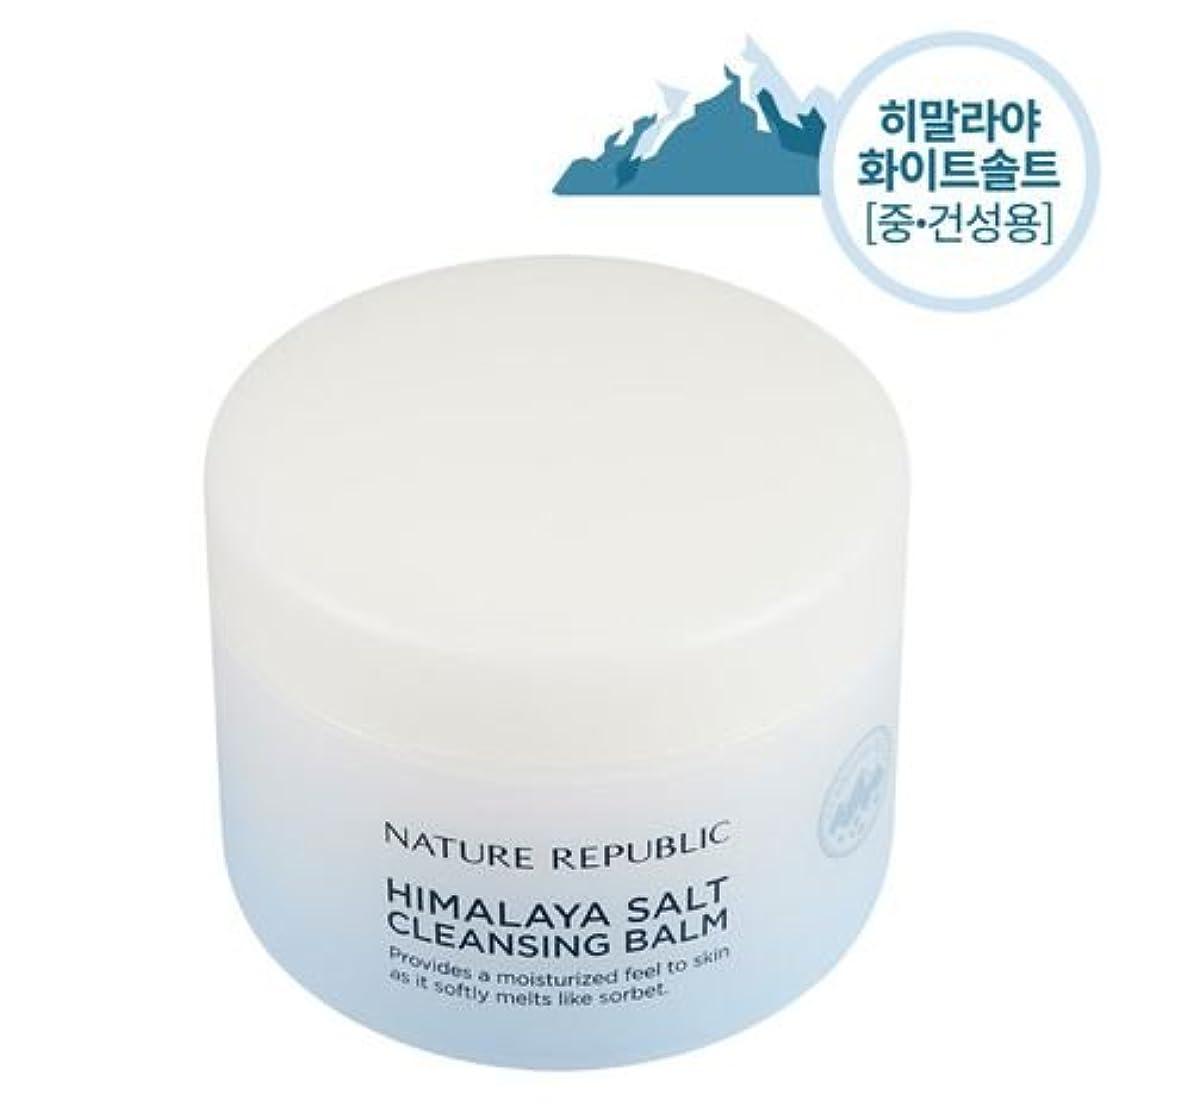 カウンタ十分ですルネッサンスNATURE REPUBLIC Himalaya salt cleansing balm (white salt)ヒマラヤソルトクレンジングバーム(white salt) [並行輸入品]